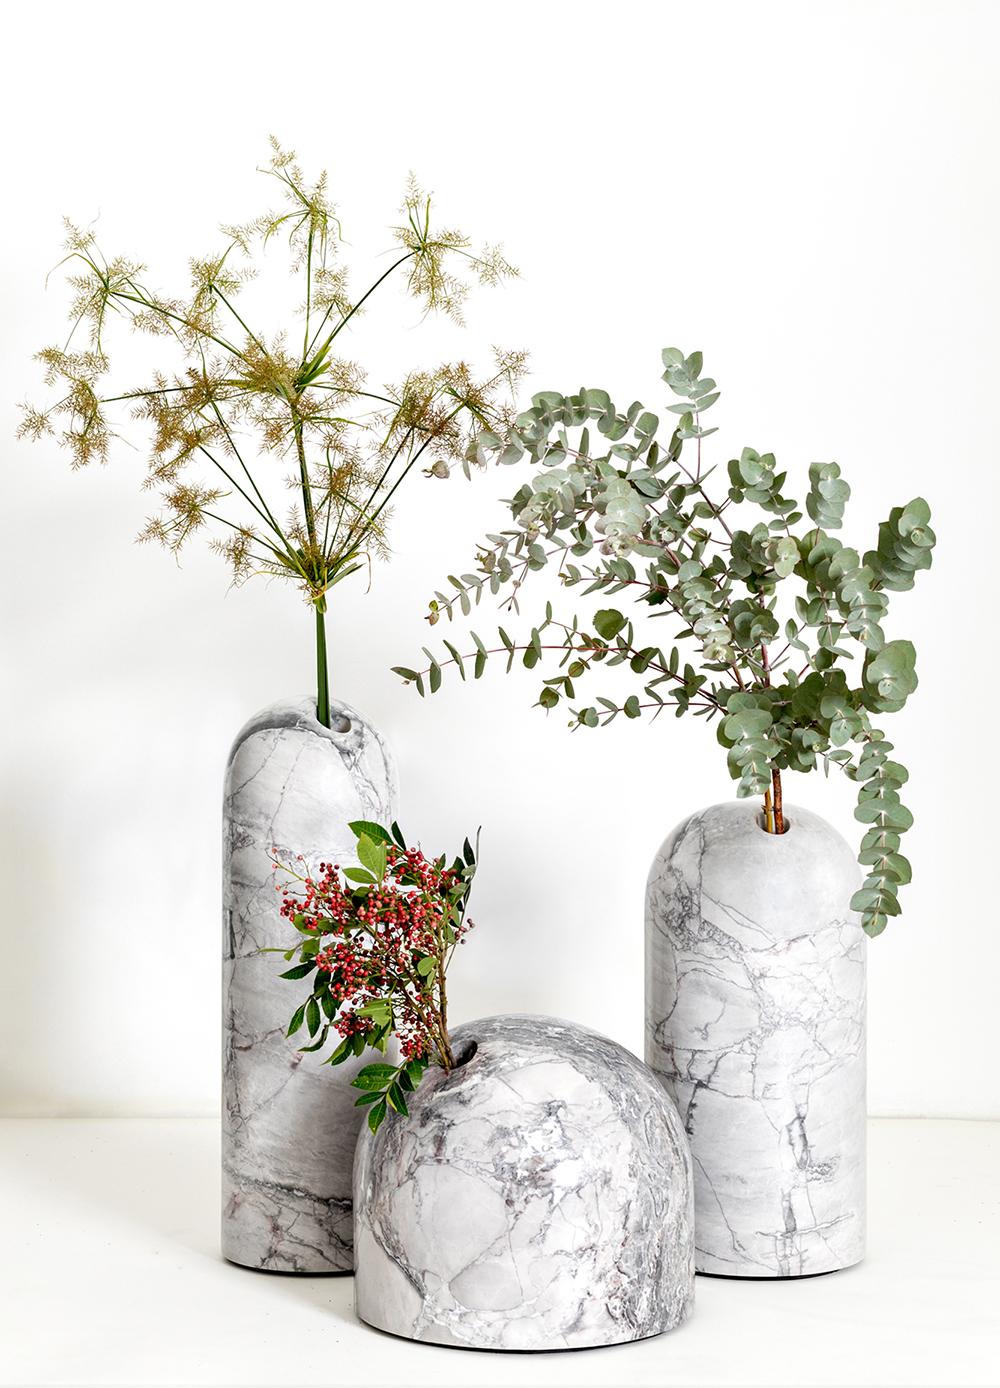 Vasos Solitarios De Leandro Garcia Na Sp Arte 2019 Decoracao Floral Garrafas Decorativas Vasos